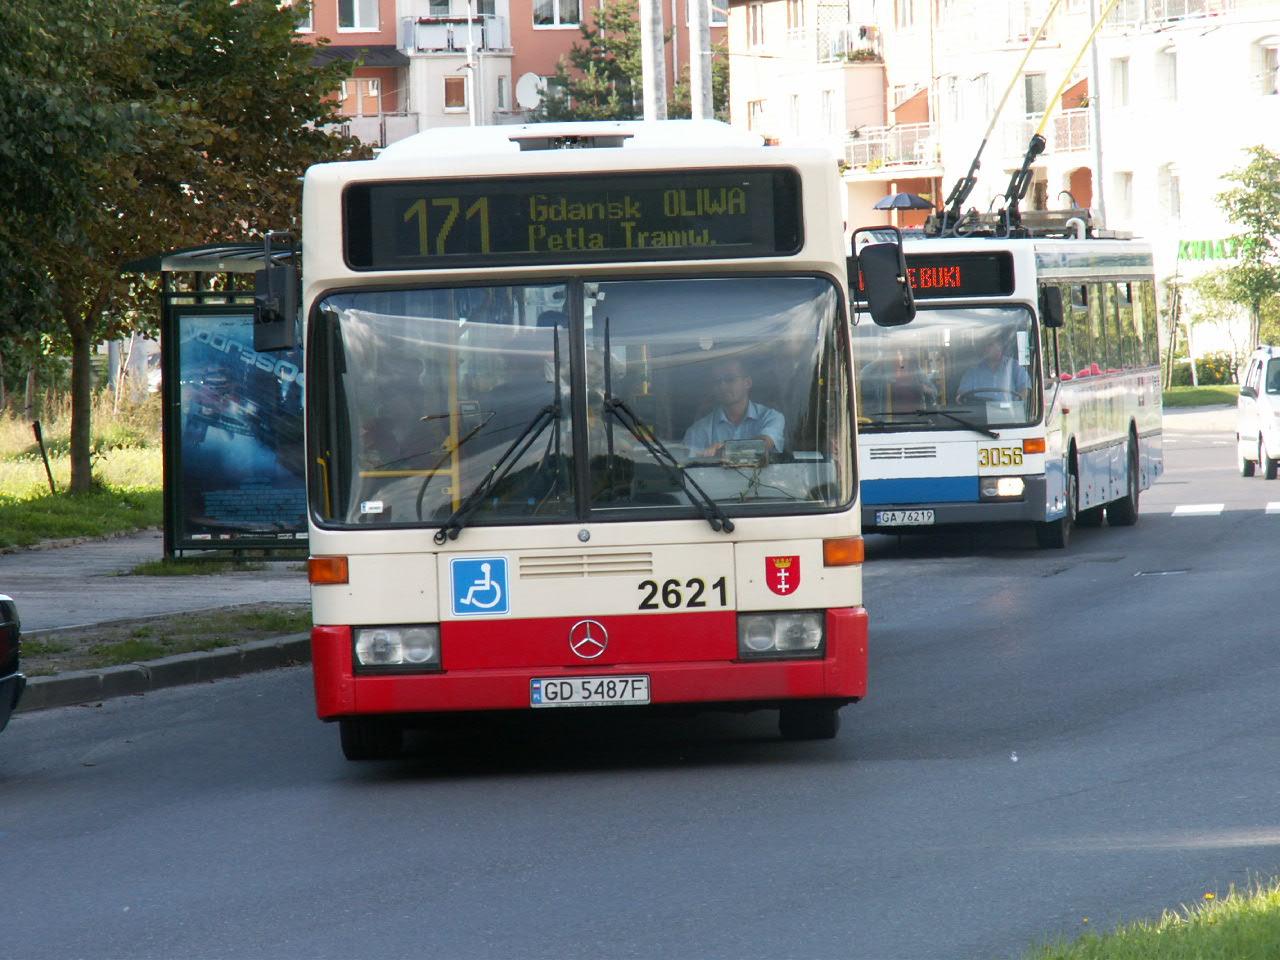 File:Autobus.linii.171.przystanek.Kameliowa.2621-01.